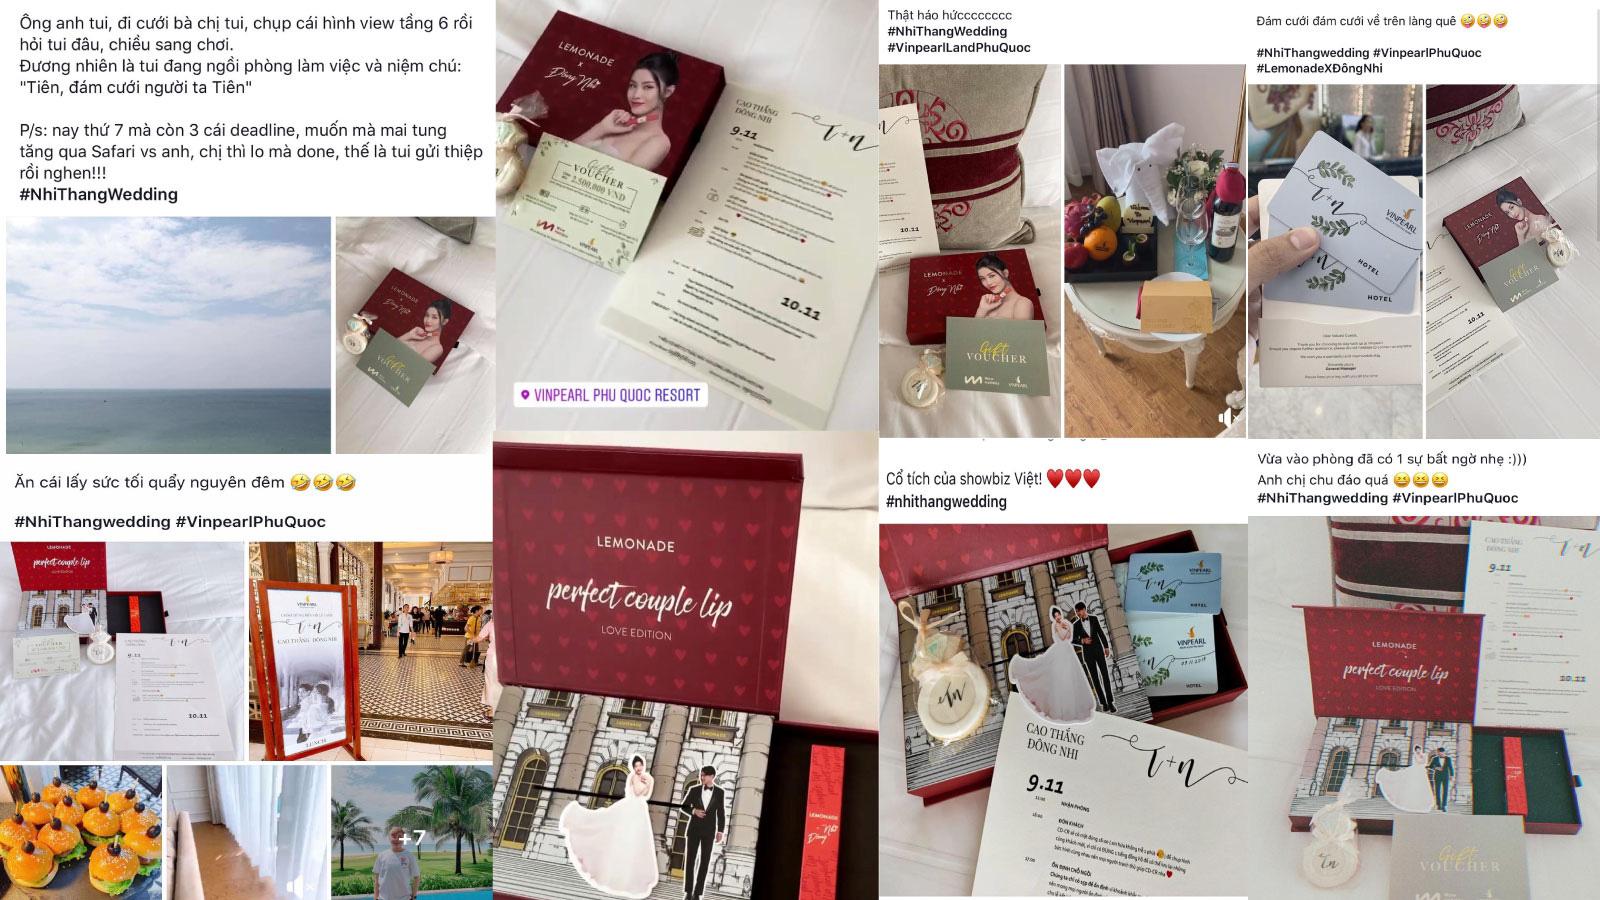 Soi thỏi son Đông Nhi dành tặng cho 500 khách mời trong đám cưới - Ảnh 8.